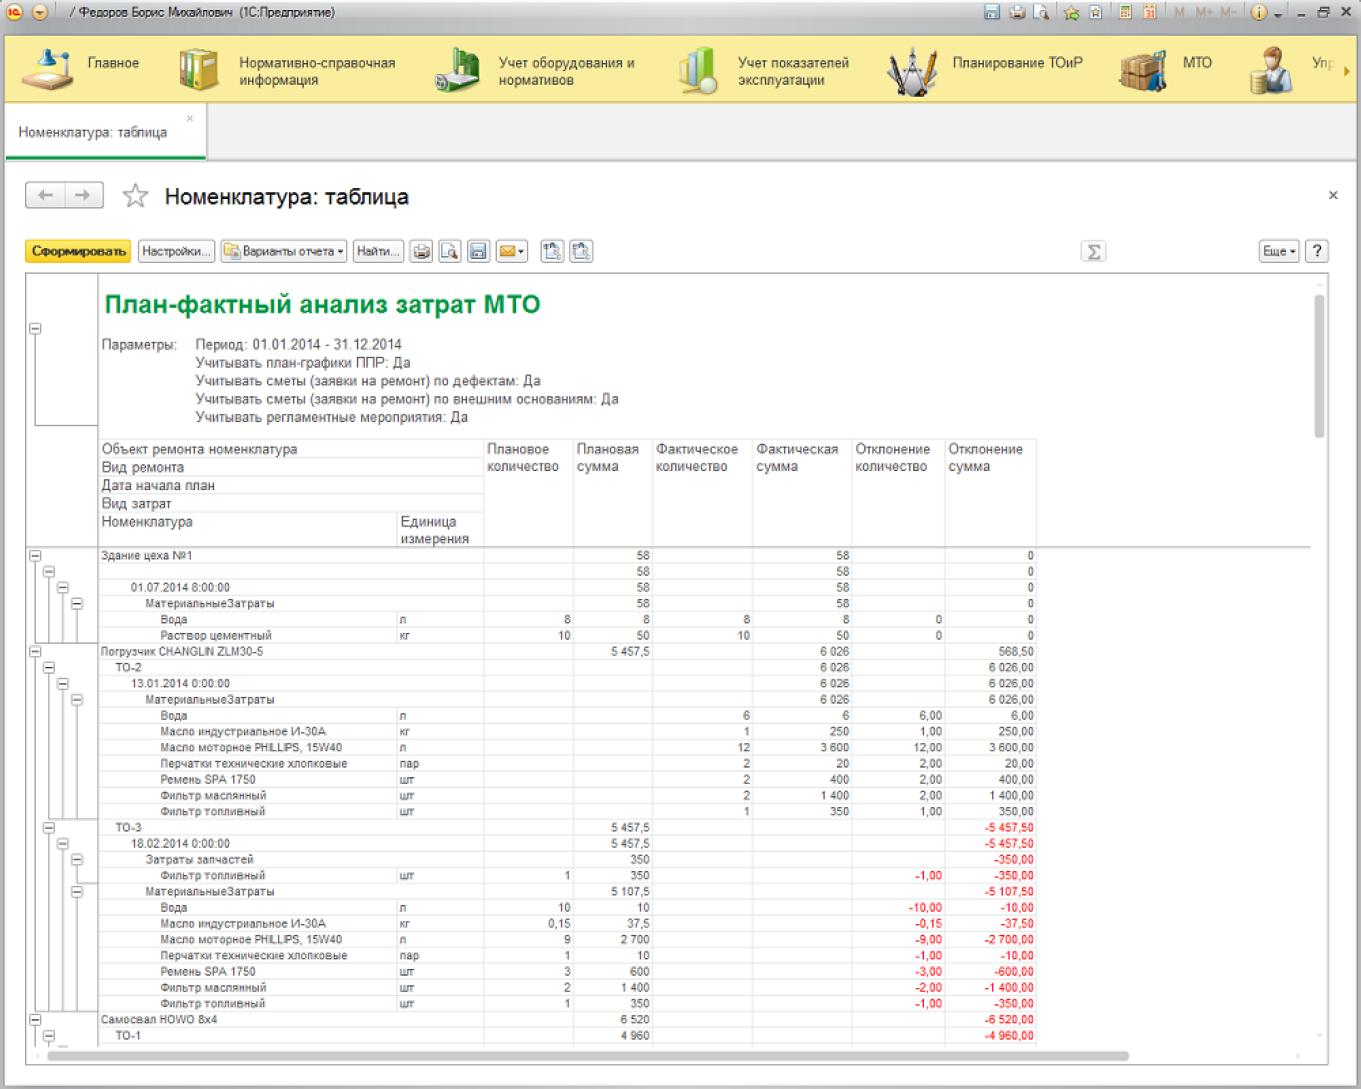 План-фактный анализ затрат на материально-техническое обеспечение (МТО) в системе 1С:ТОиР